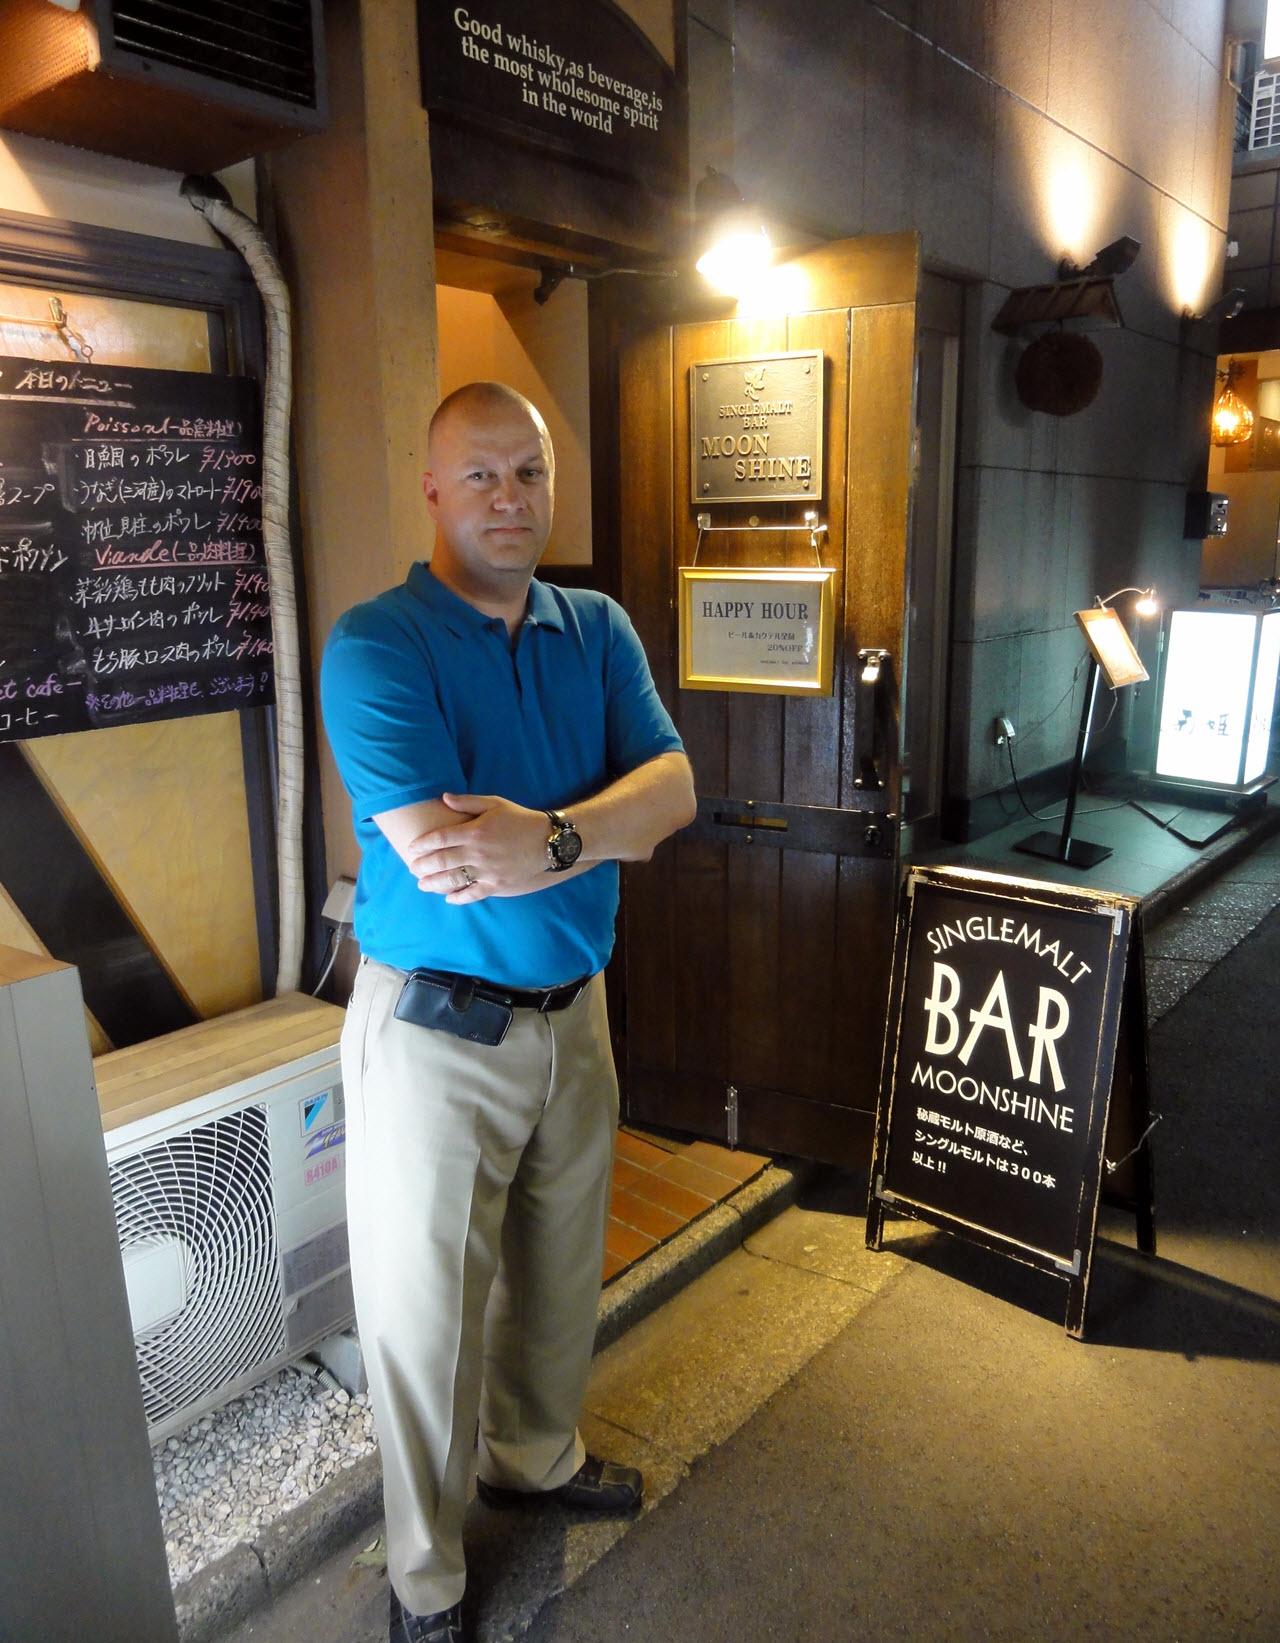 Single Malt Bar Moonshine - outside